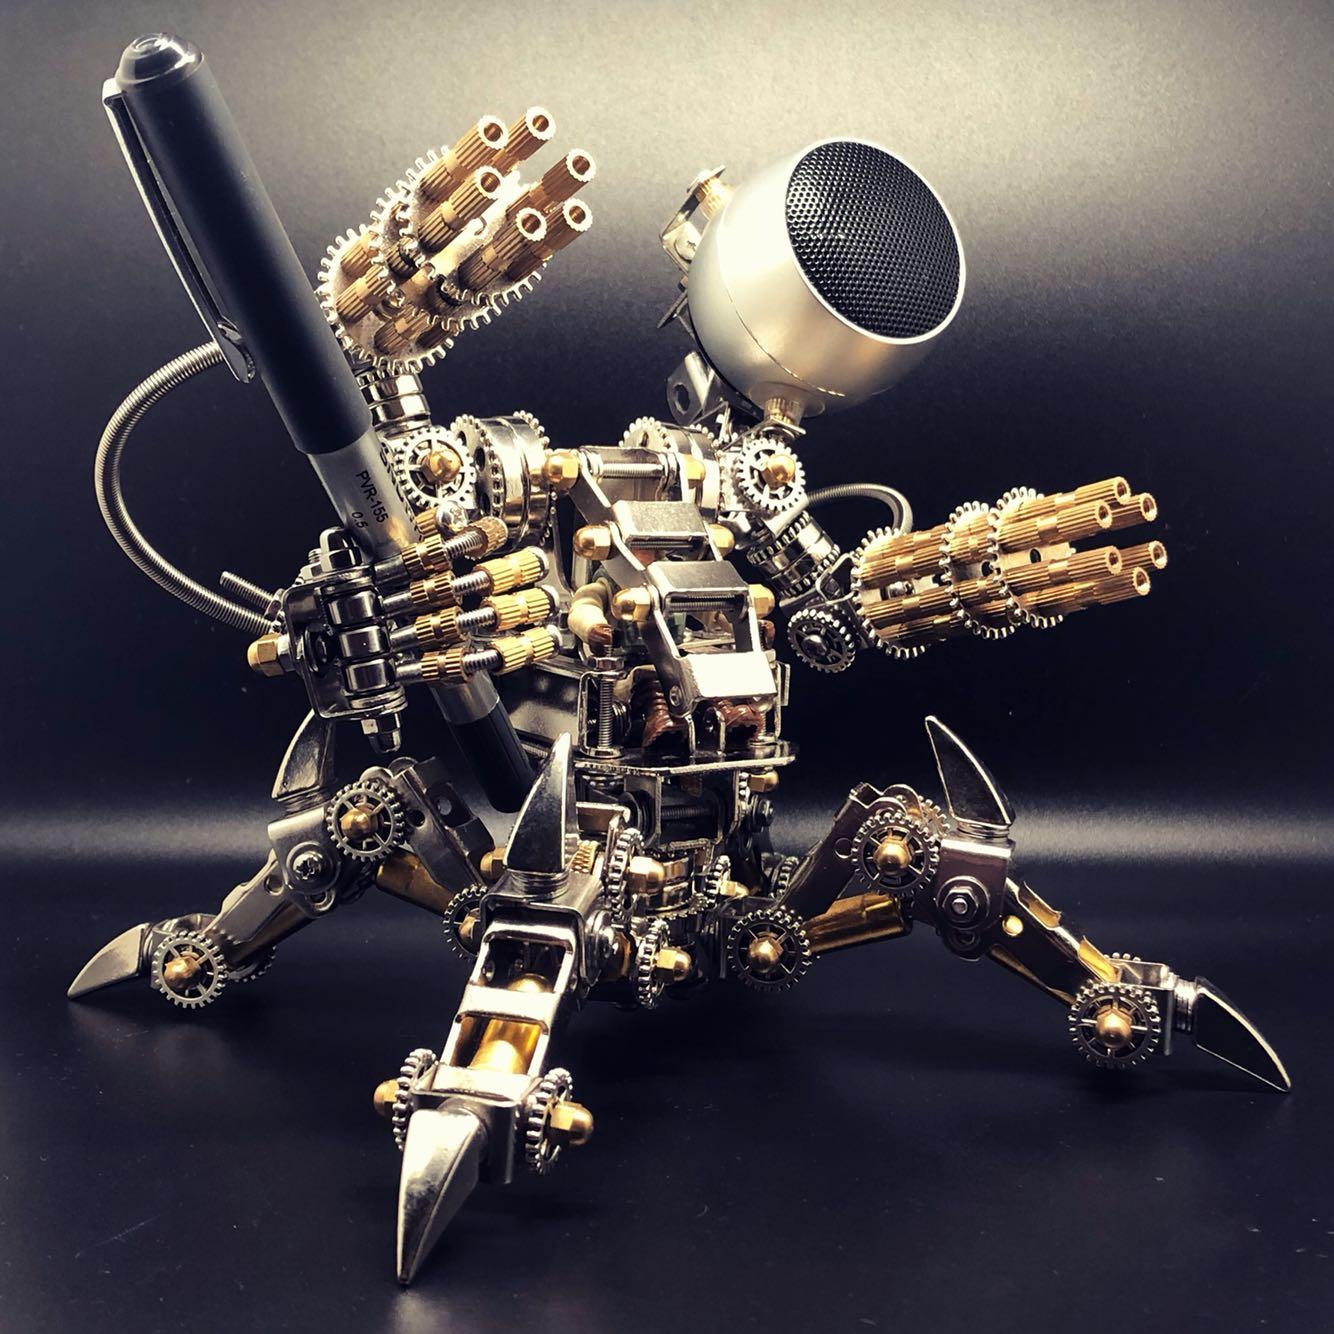 匠拼模型磁猎者磁力机甲全金属拼装蓝牙音响低音炮机械朋克创意